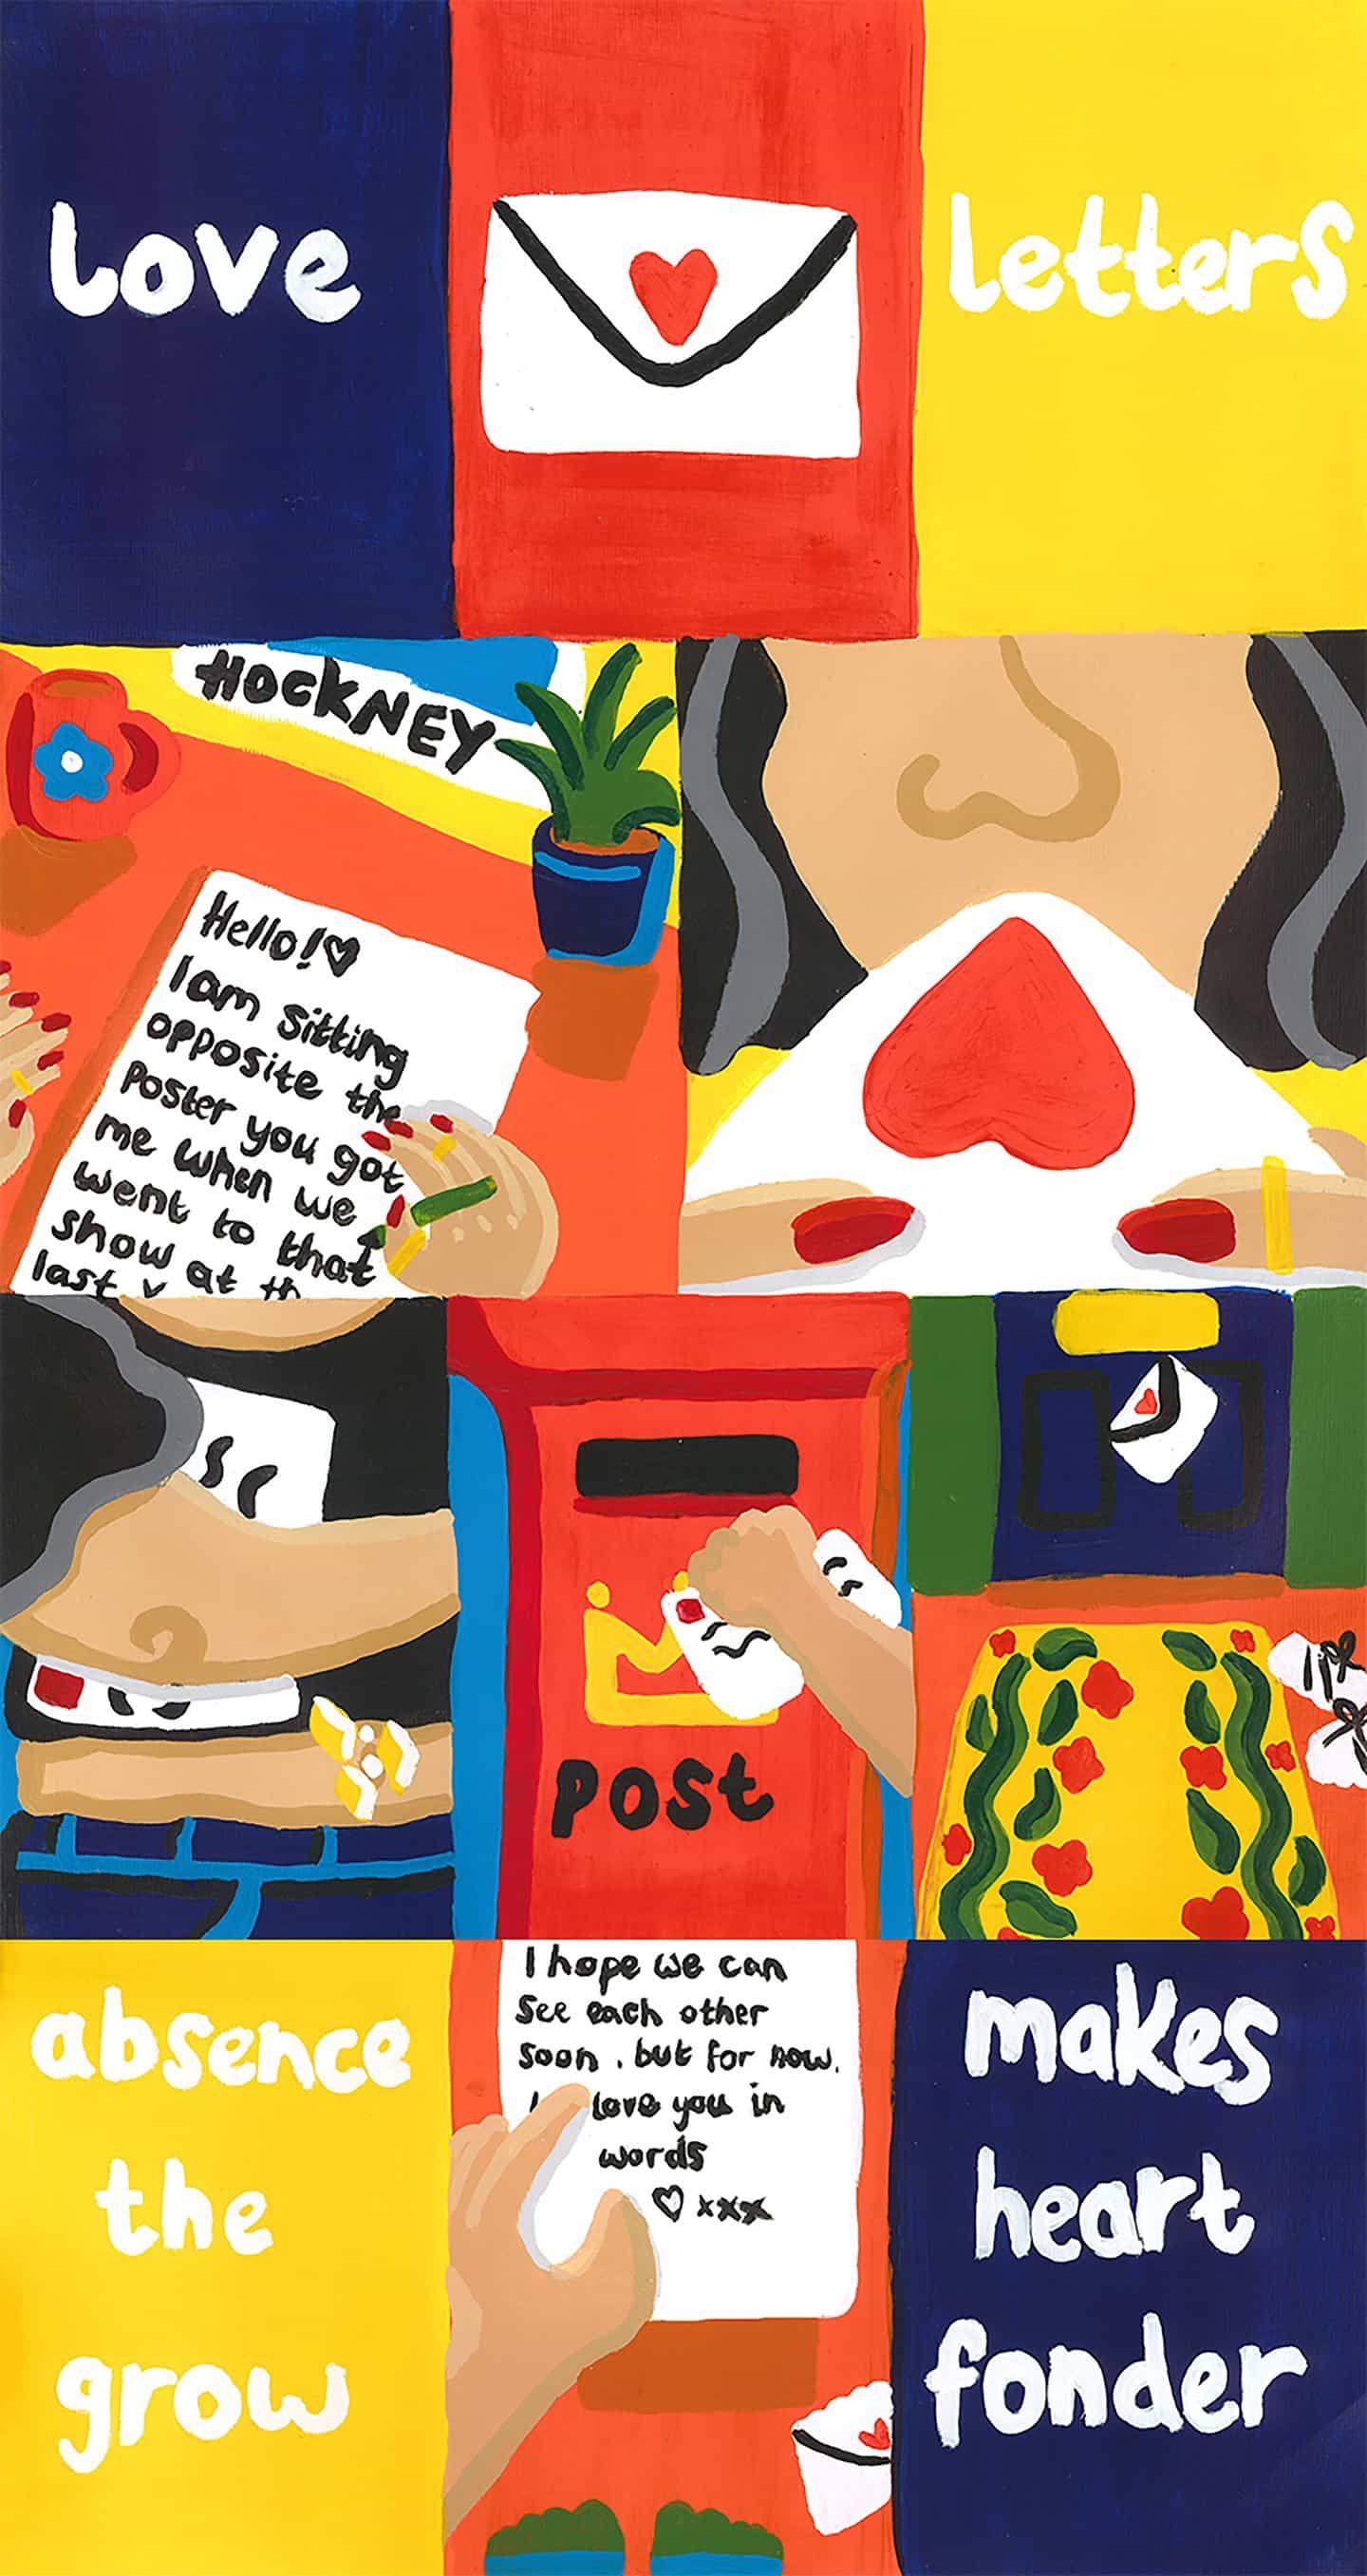 Rosie mayo: Cartas de Amor (Copyright © Rosie de mayo de 2020)